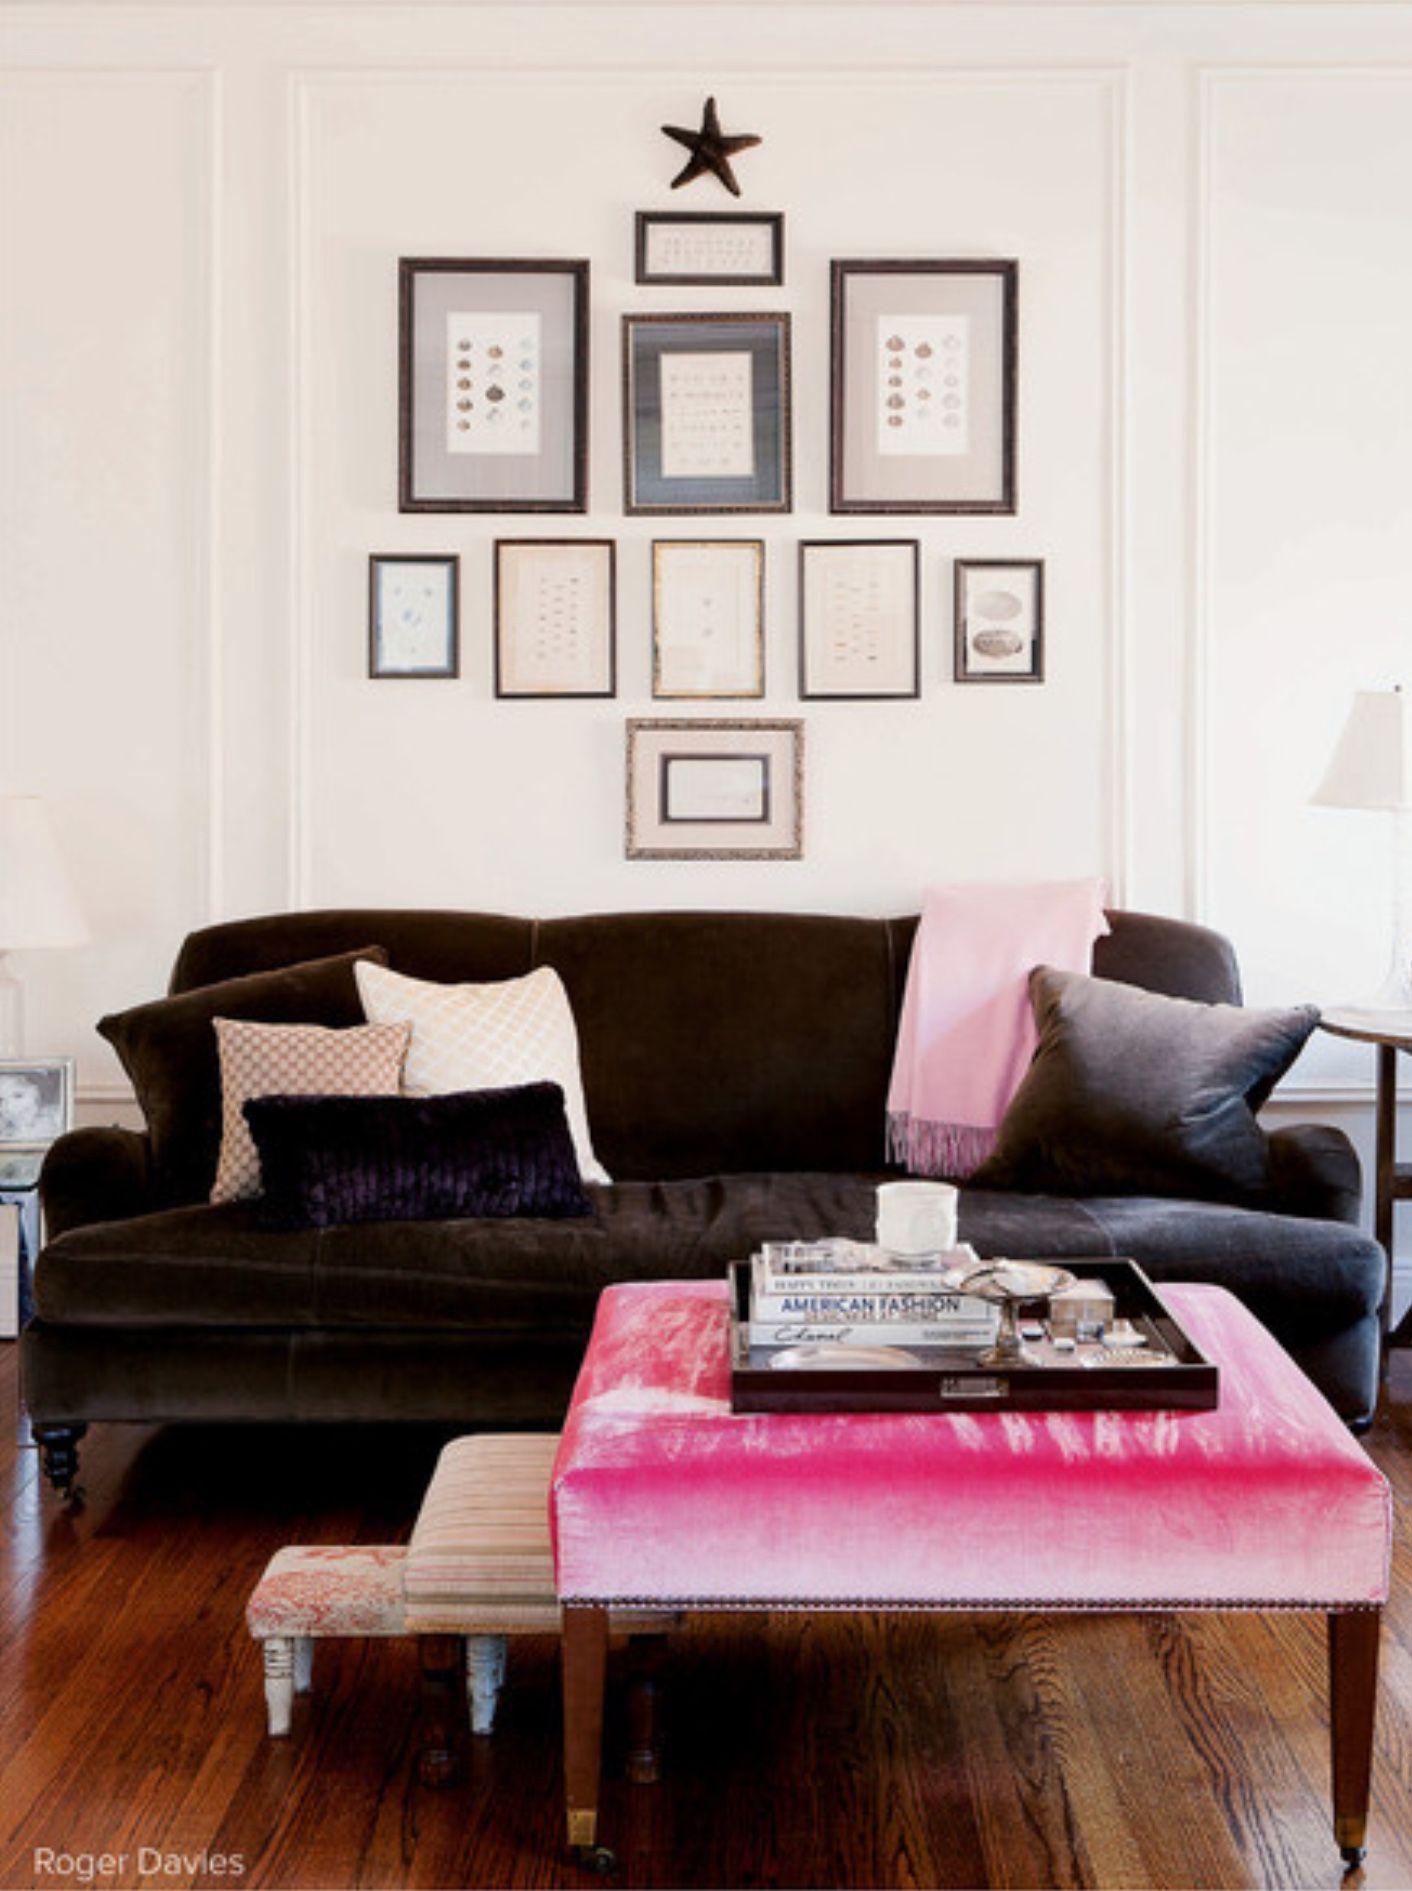 f08dc46ac8218 English roll-arm sofa, gallery wall, fuchsia, light/dark | Let's ...